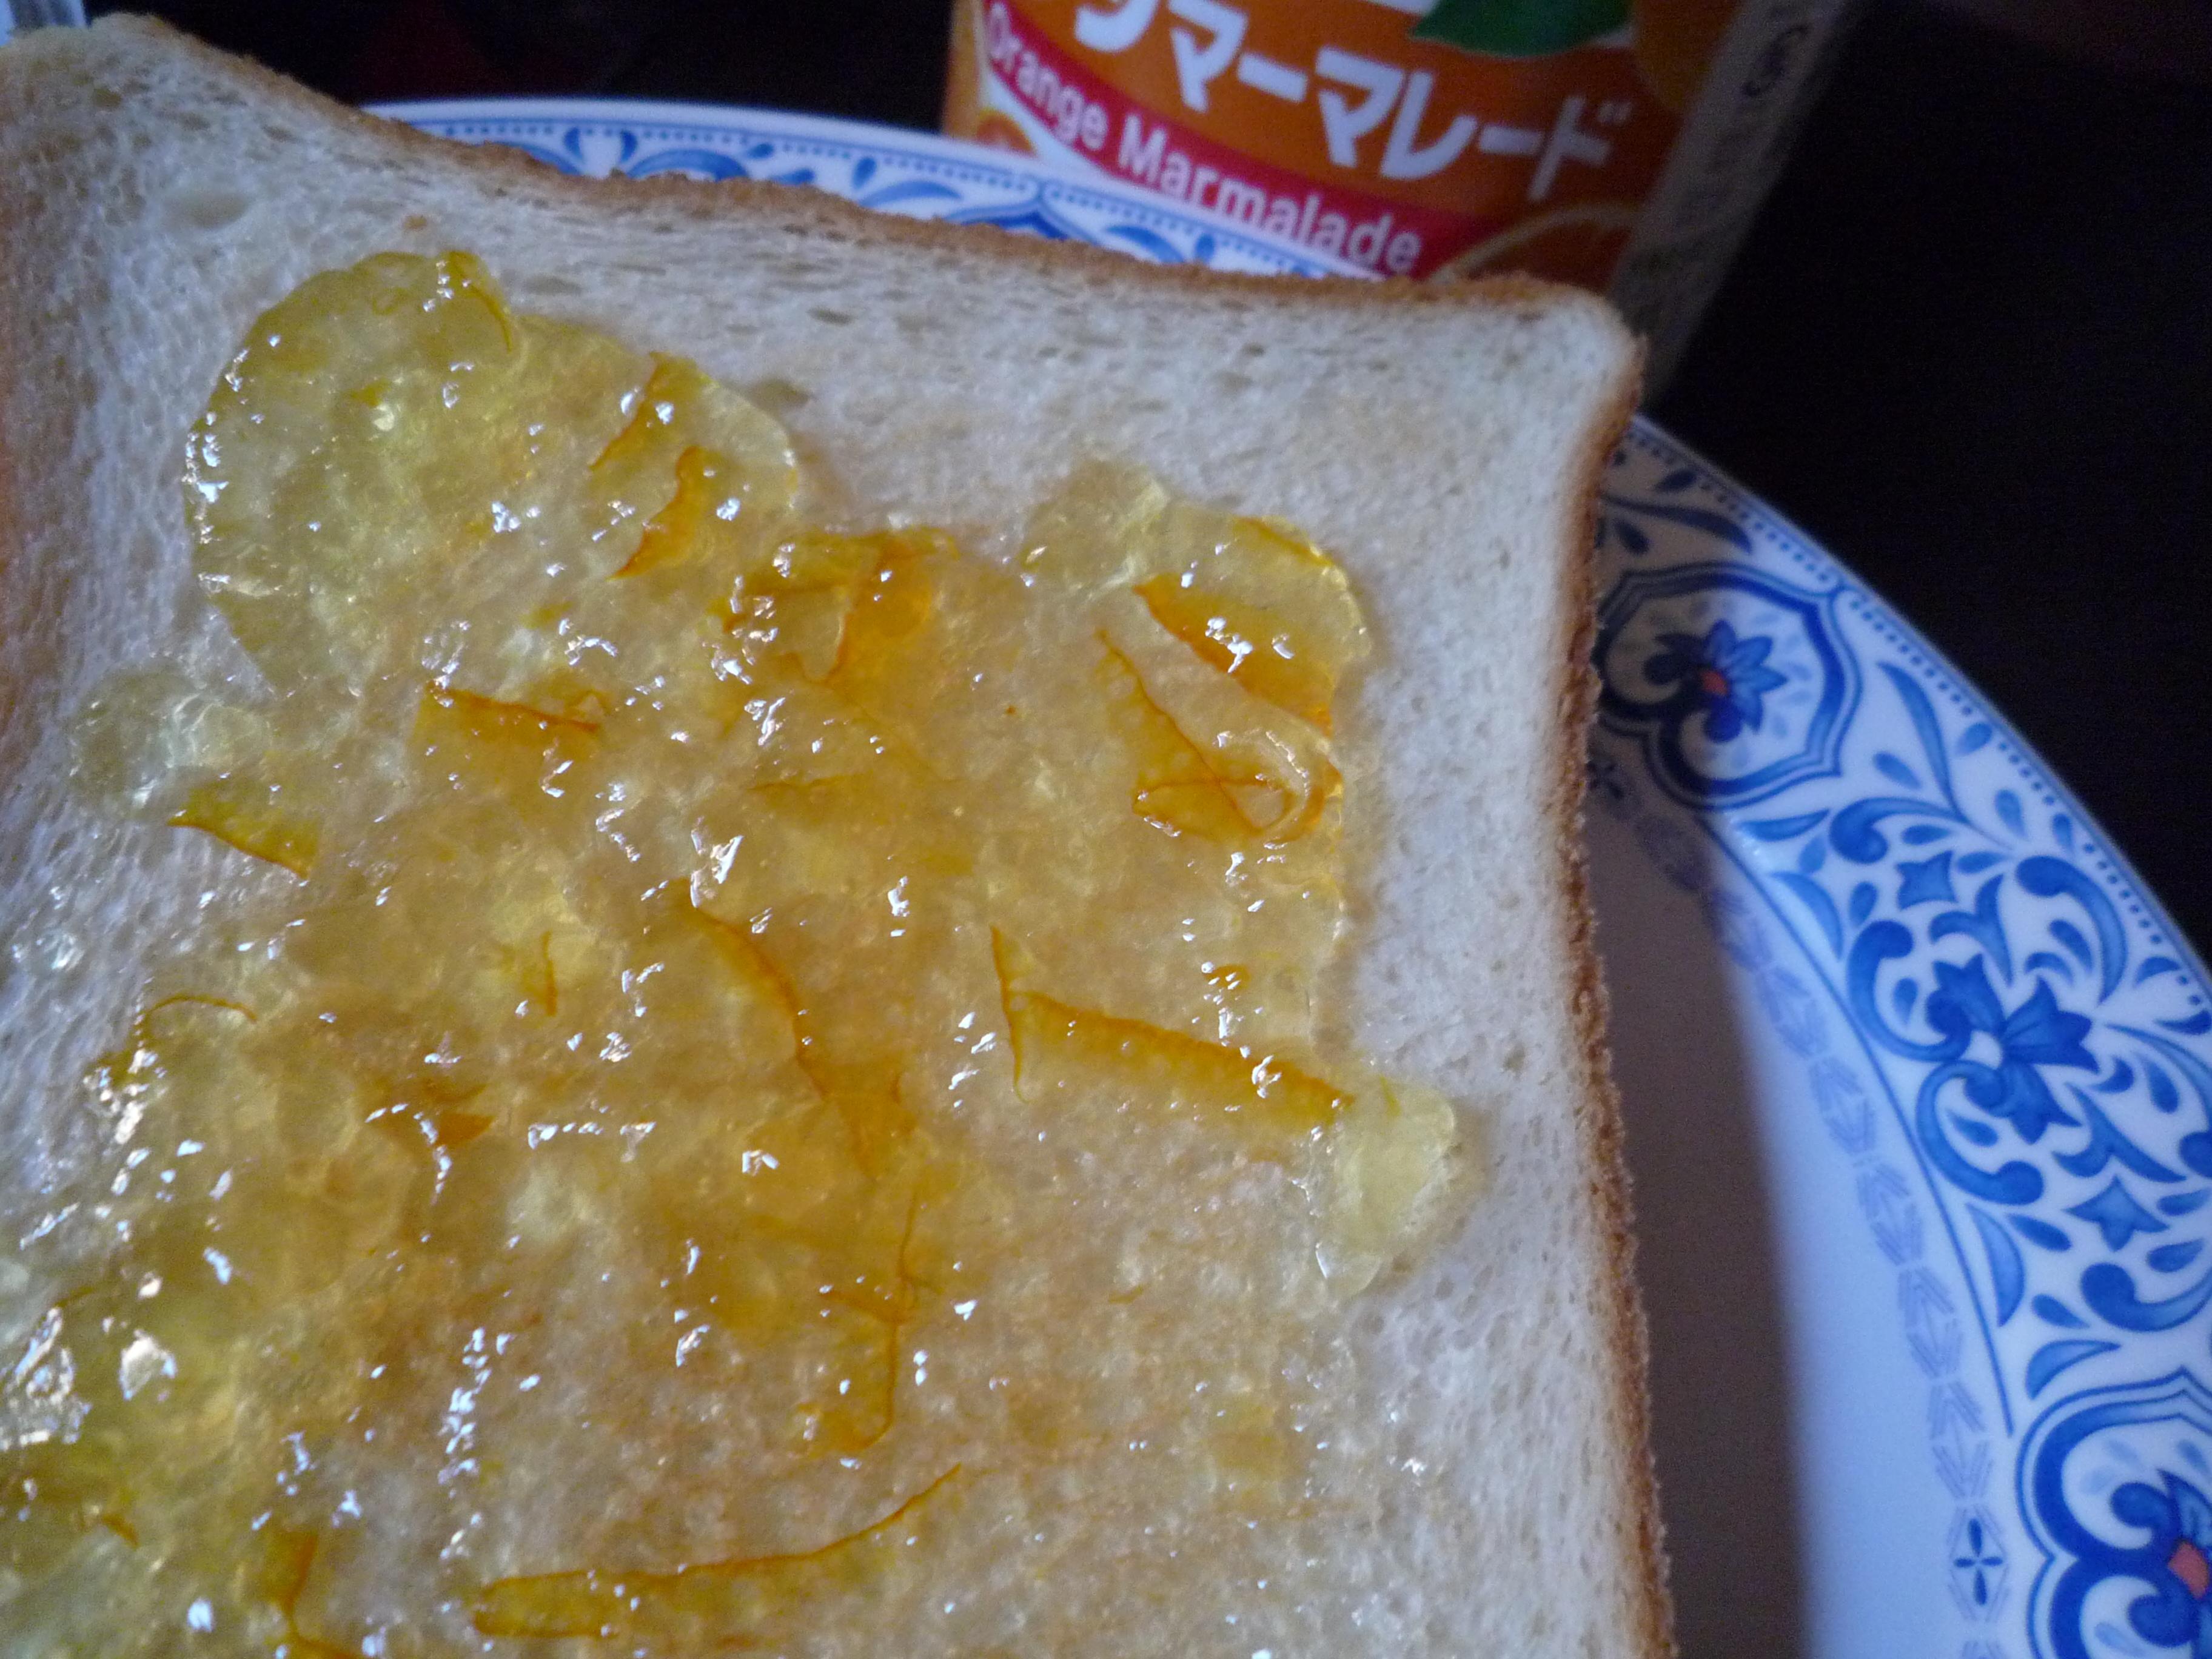 カンピー オレンジマーマレード パン